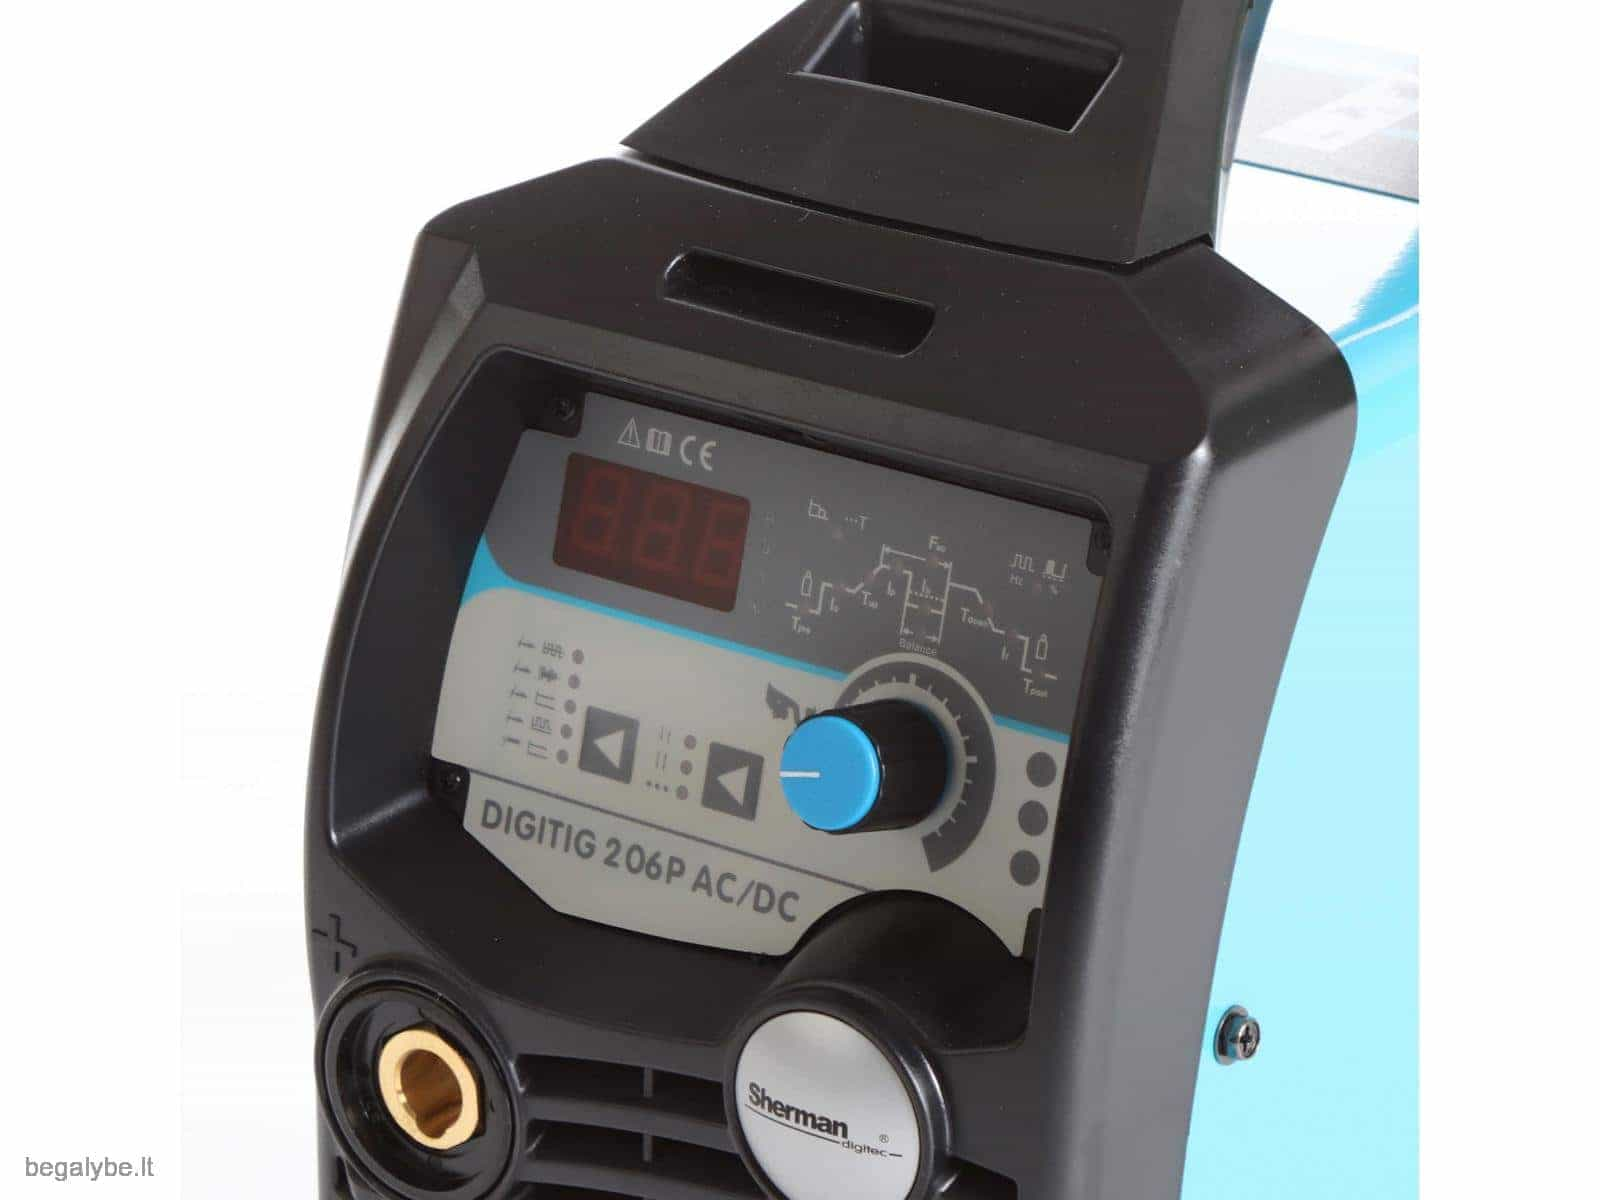 Suvirinimo aparatas SHERMAN DIGITIG 206P AC/DC aliuminiui - 5/9